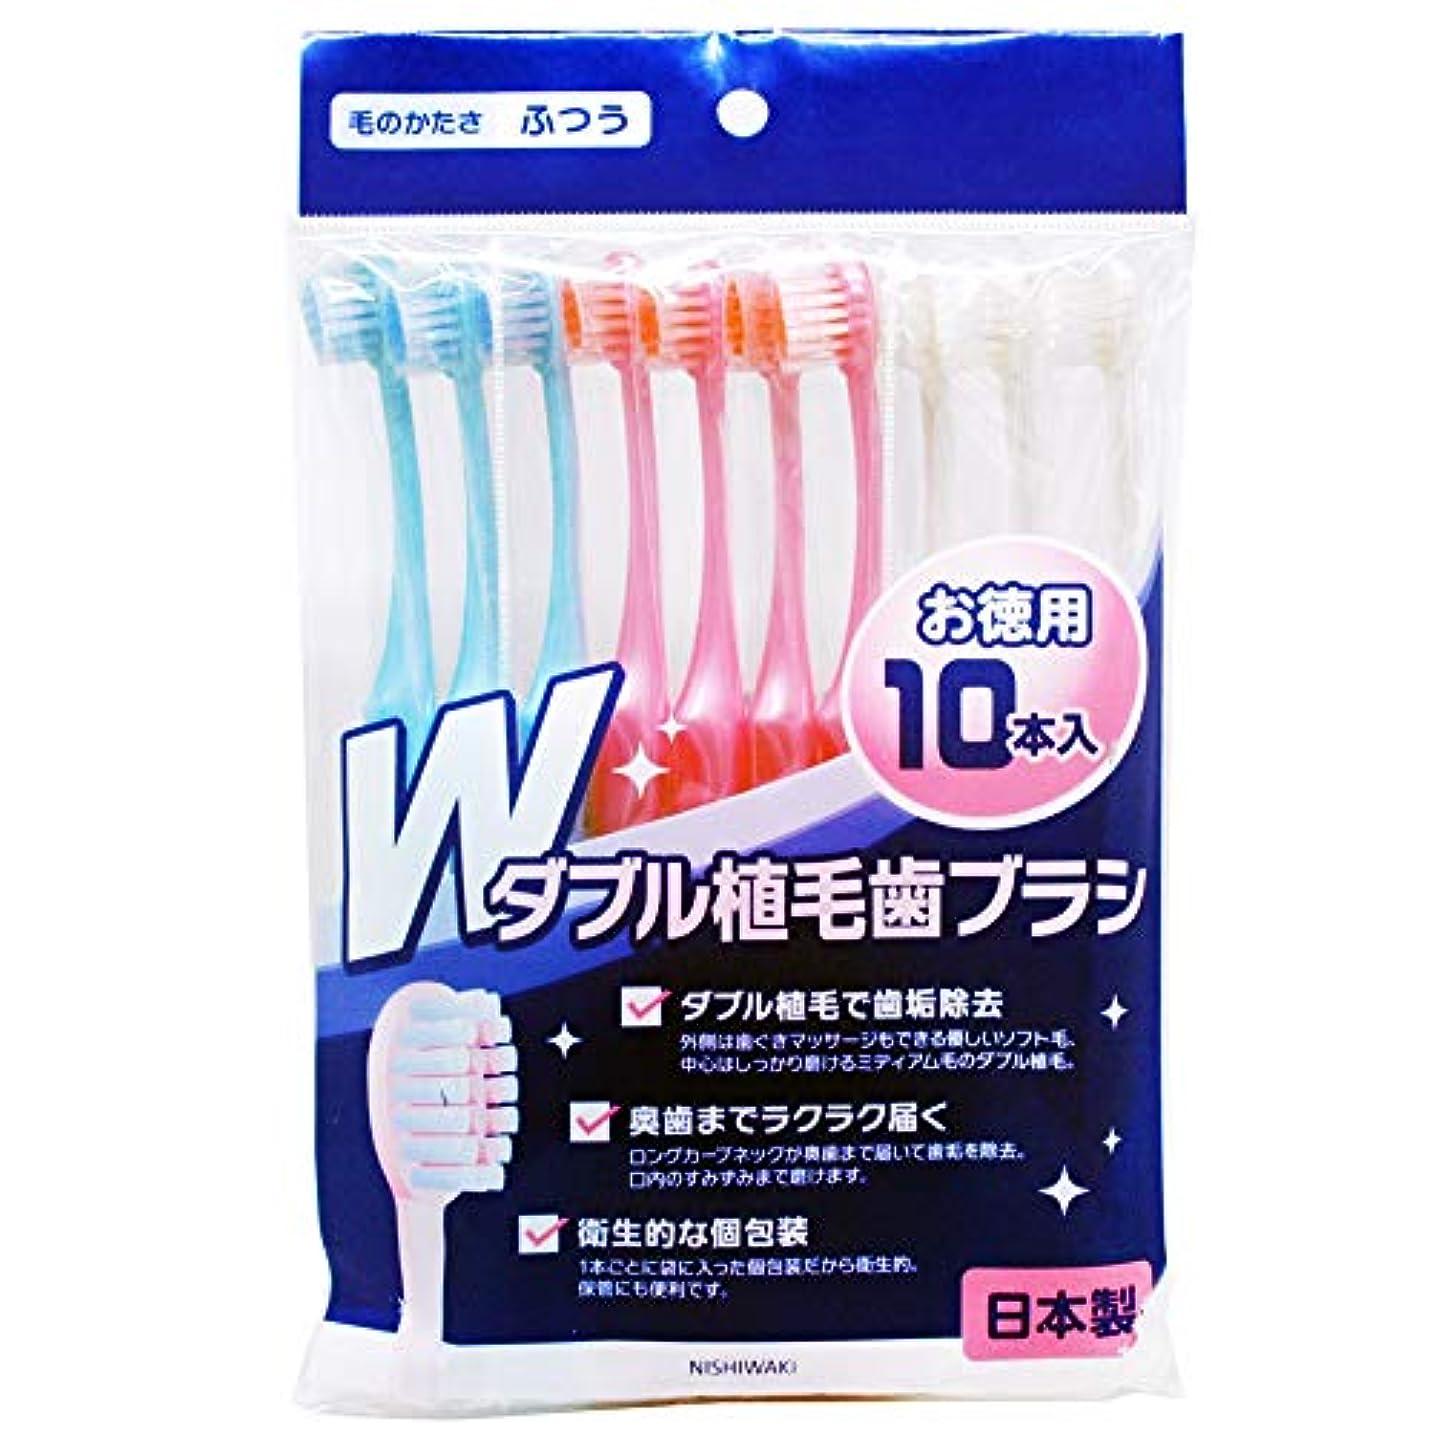 ミキサー呪い帽子歯ブラシ 日本製 10本セット「外側やわらか植毛歯ブラシ」